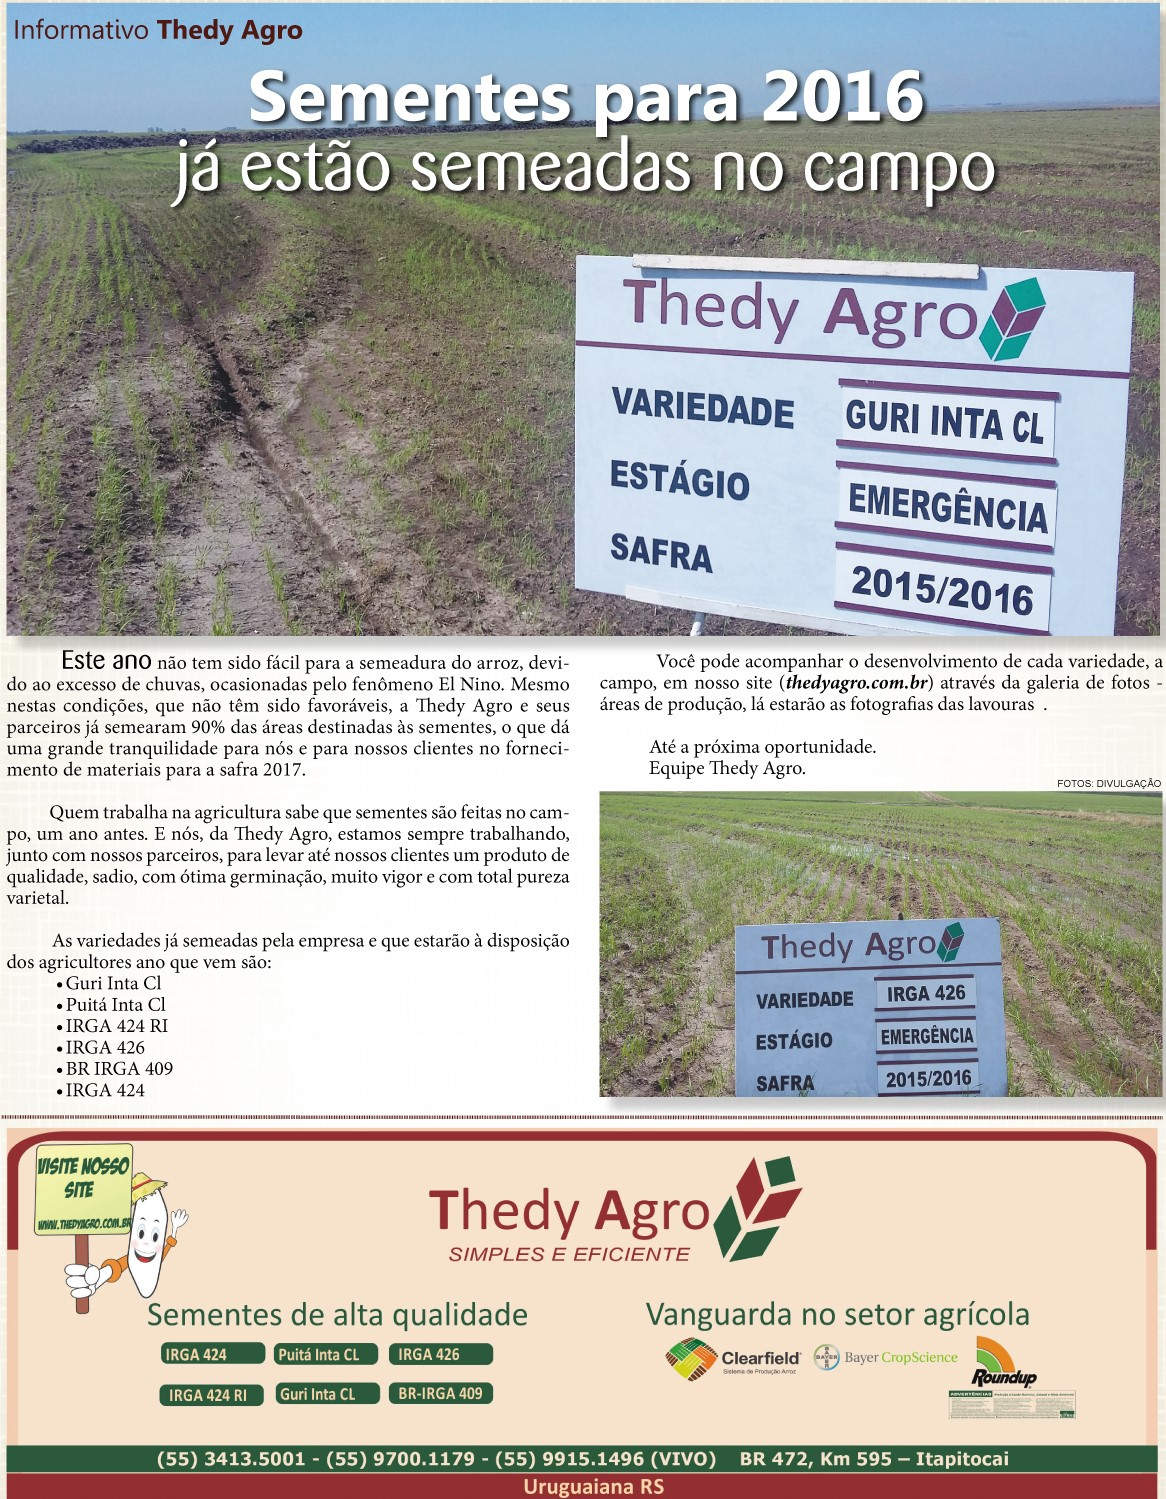 Sementes para 2016 já estão semeadas no campo